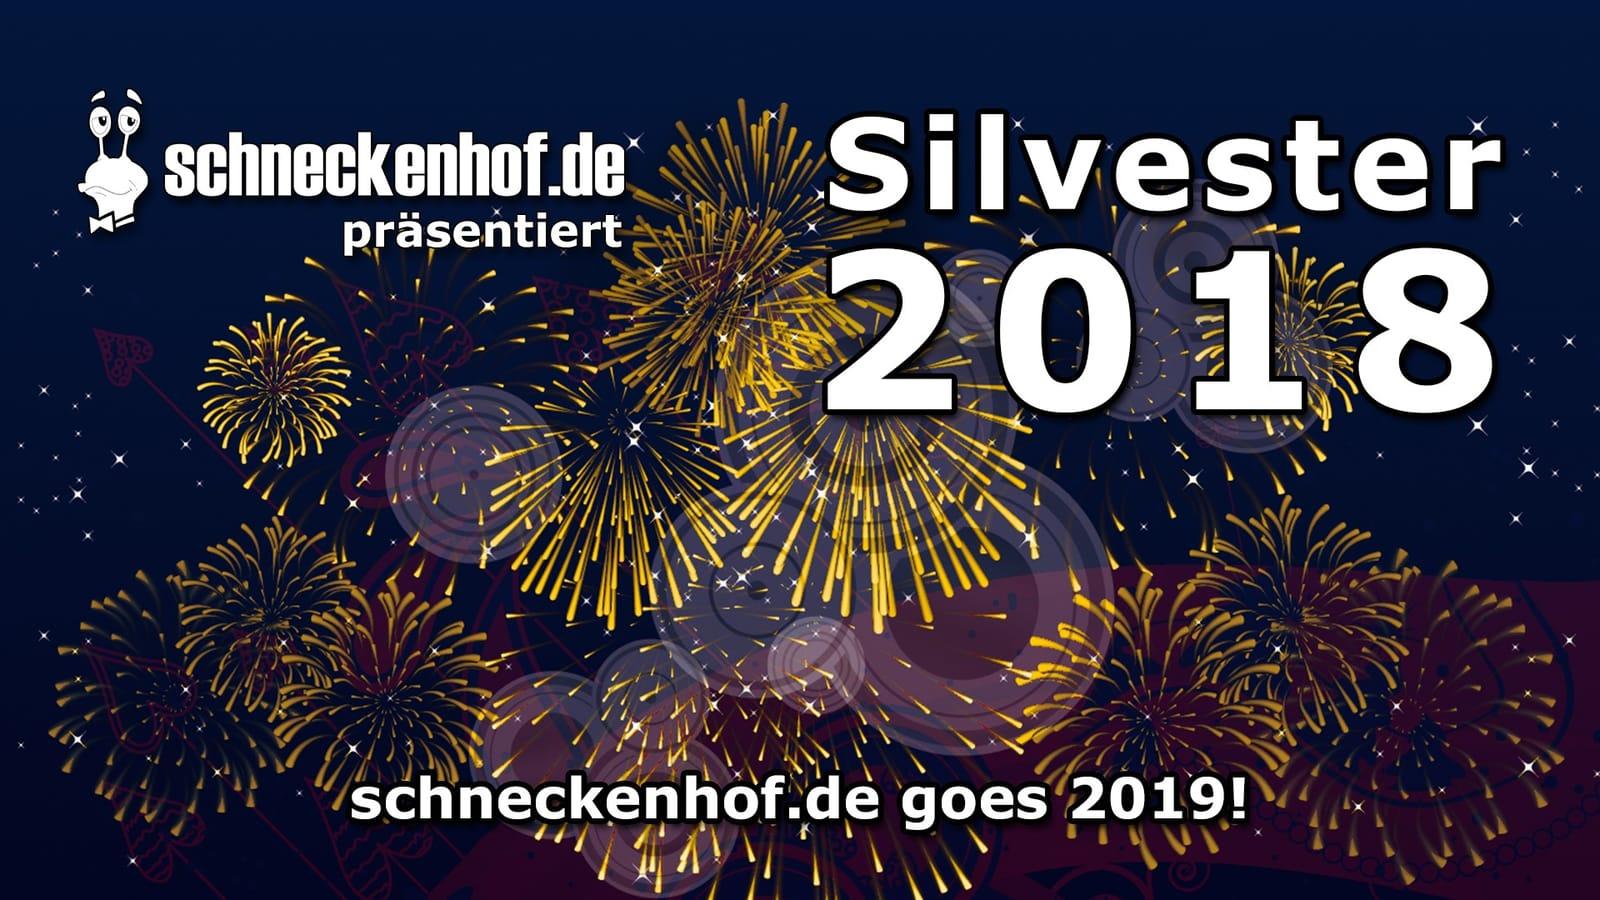 schneckenhof.de goes 2019!